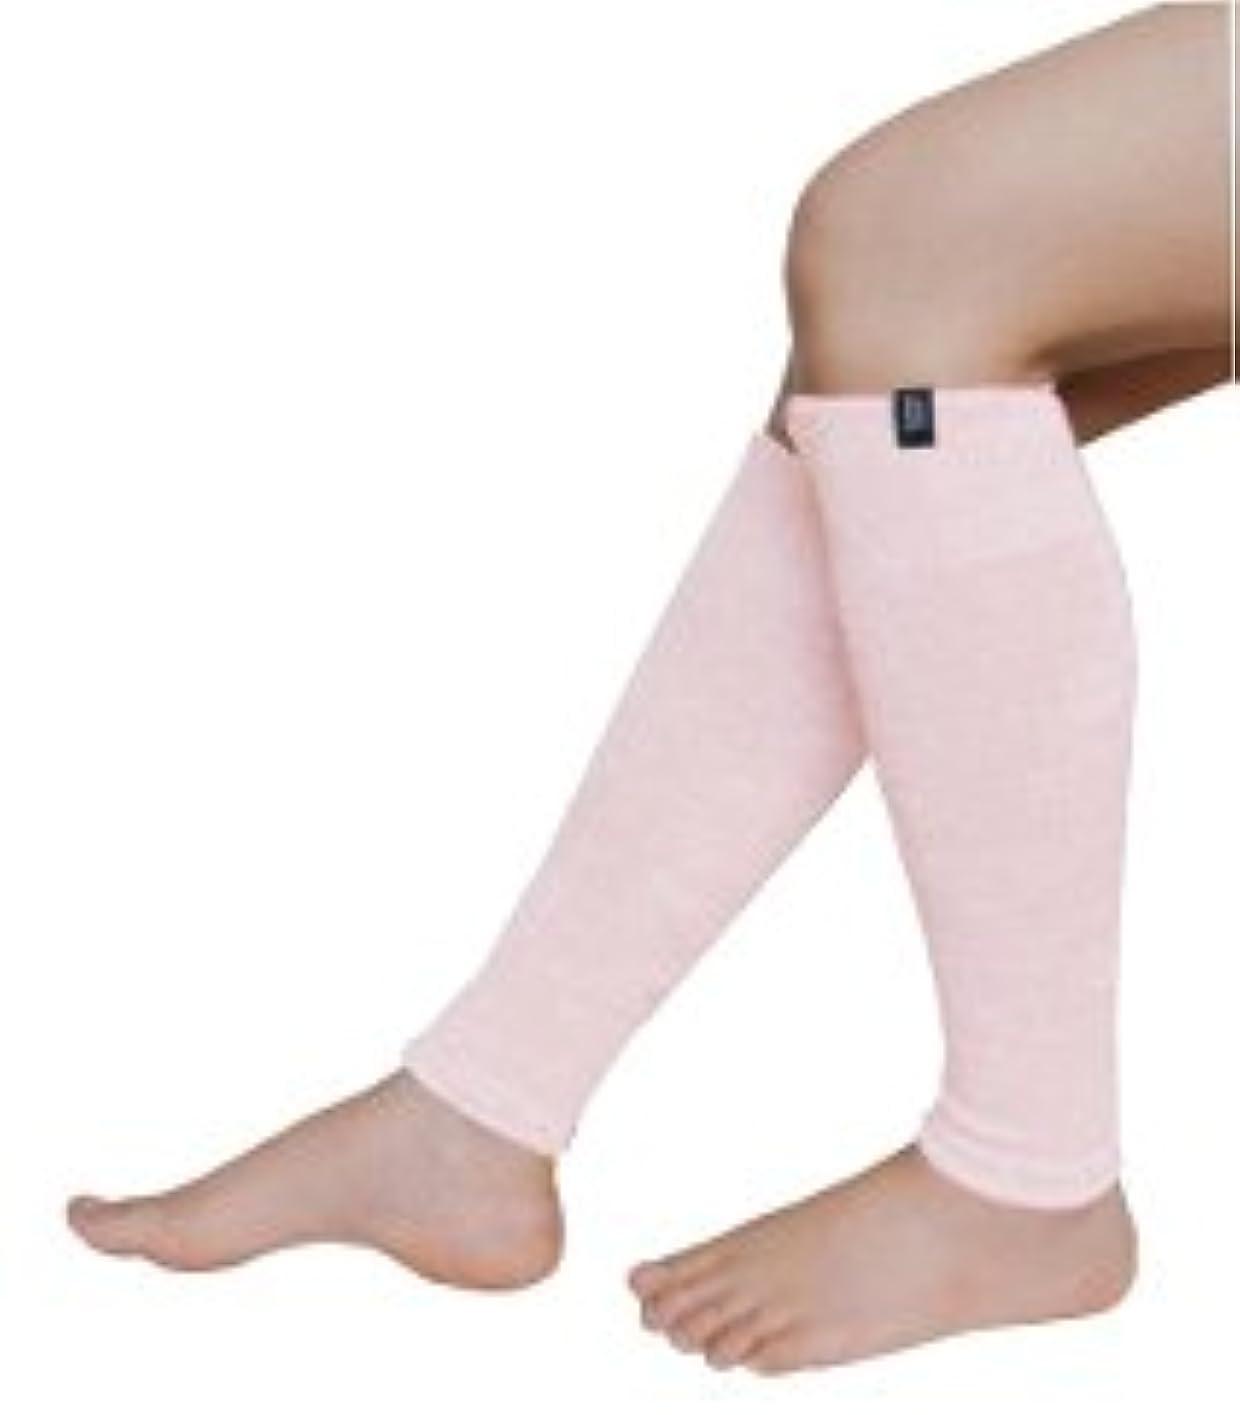 健康深遠金銭的なふくらはぎ専用 ミーテ?軽やか シルクコットン (ピンク)締め付けない  シルクとコットンの天然素材  長さ40cm